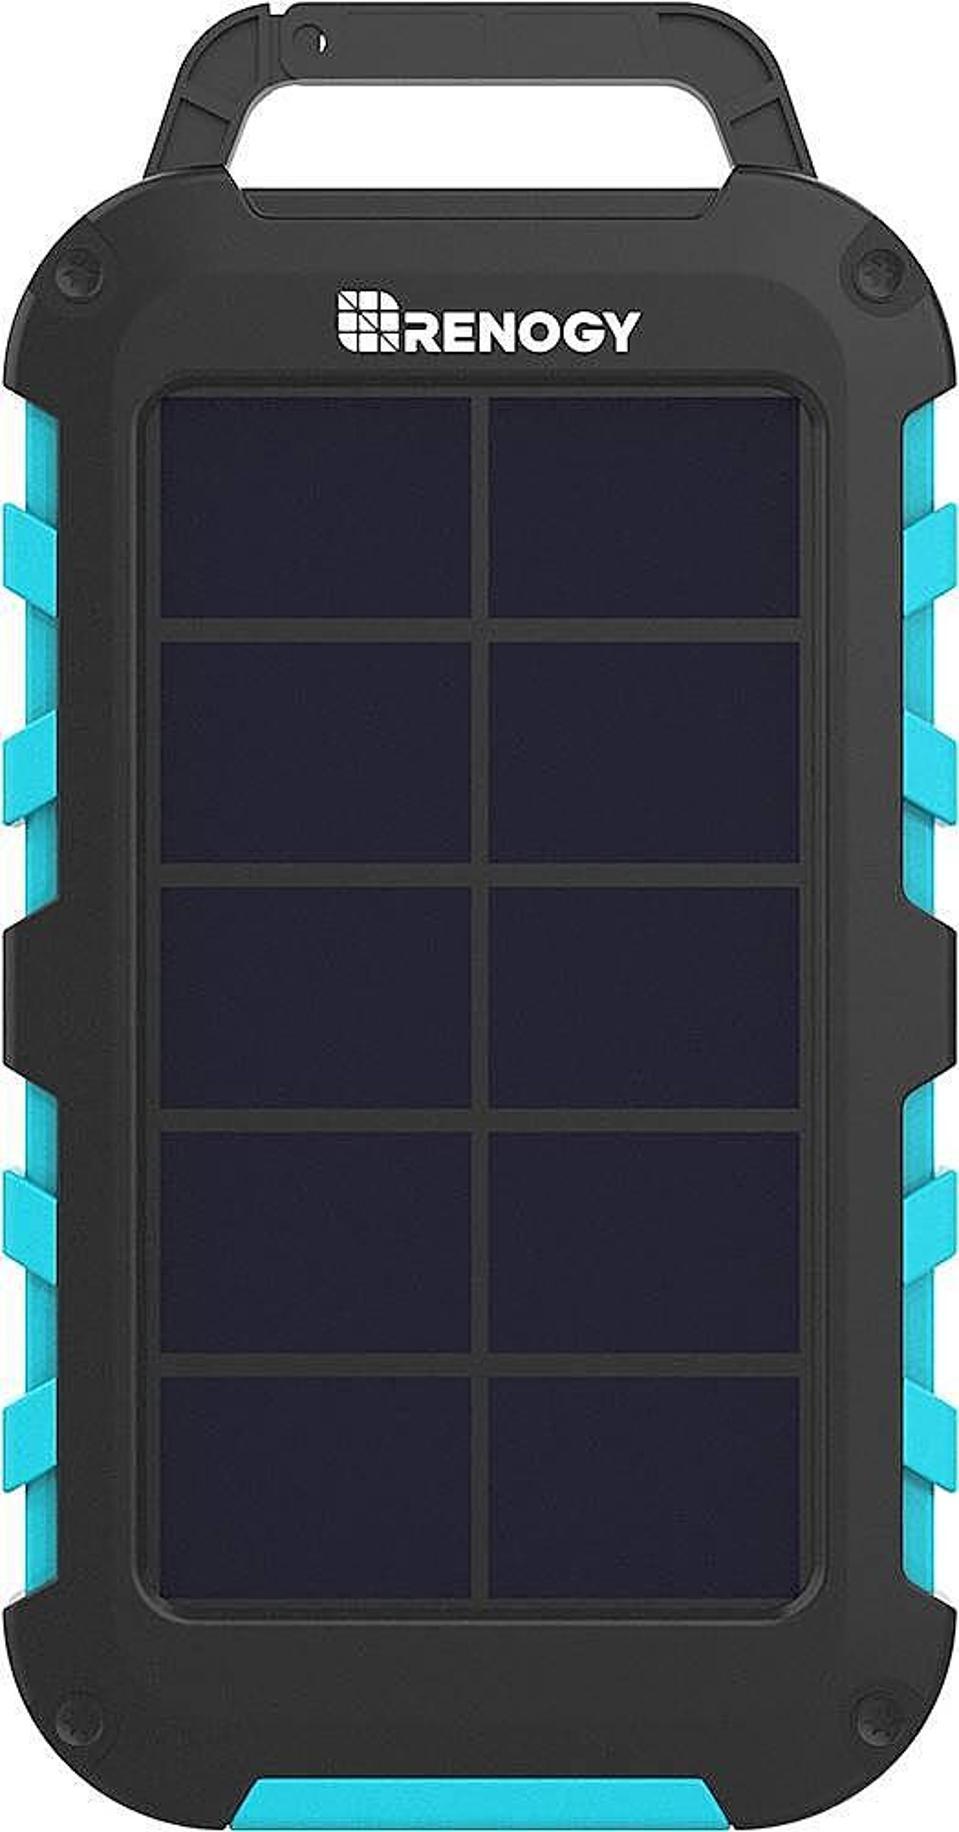 Renogy E.Power 10000